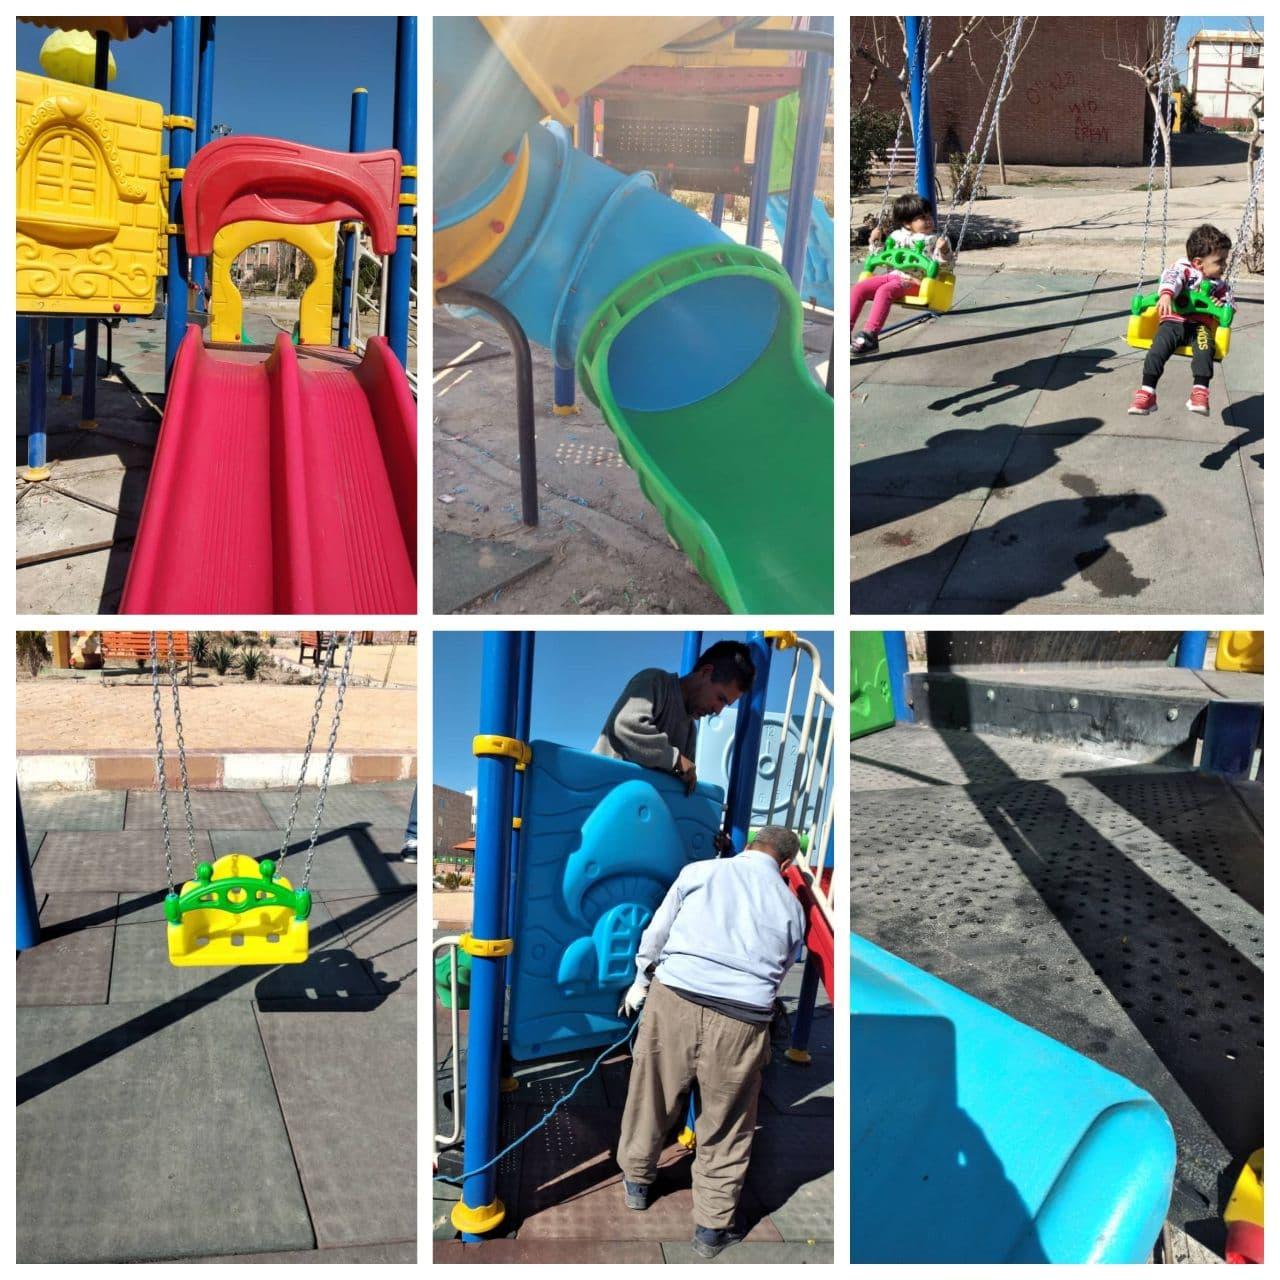 ساماندهی سِت های بازی کودکان در پارک های پرند